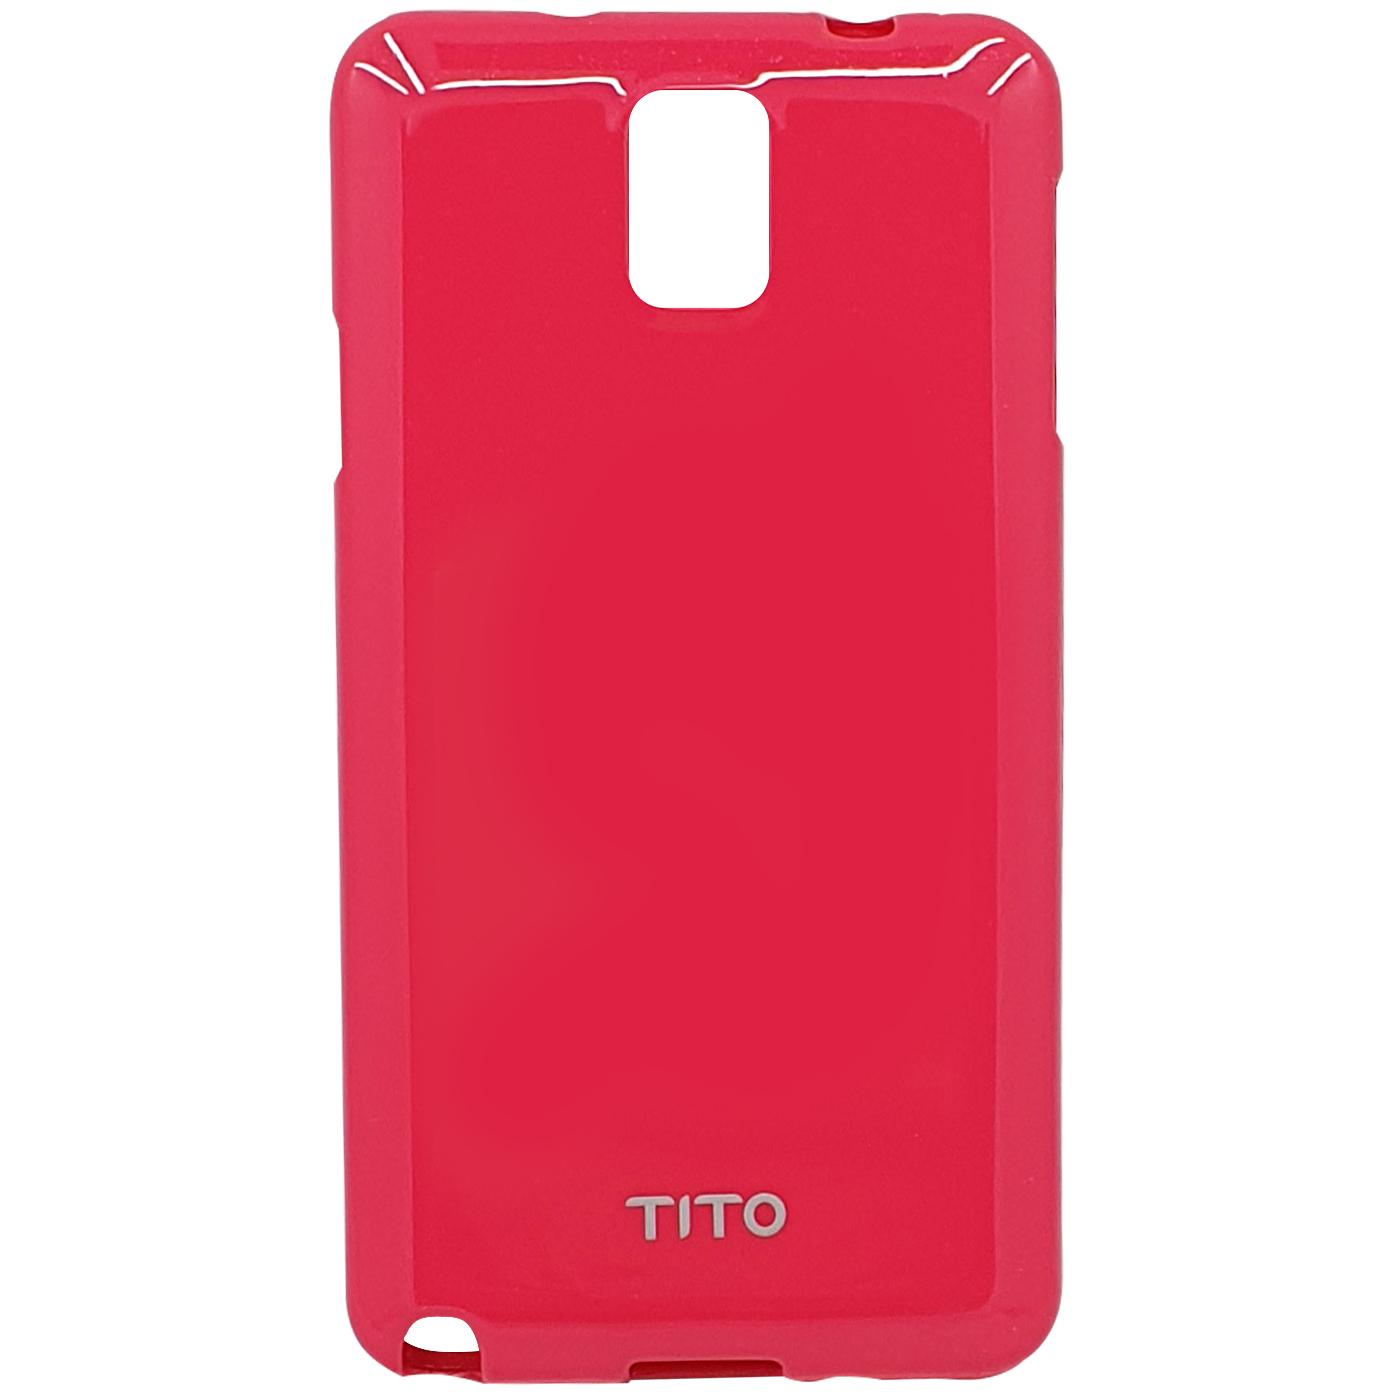 کاور تیتو مدل TIT1 مناسب برای گوشی موبایل سامسونگ Galaxy Note 3